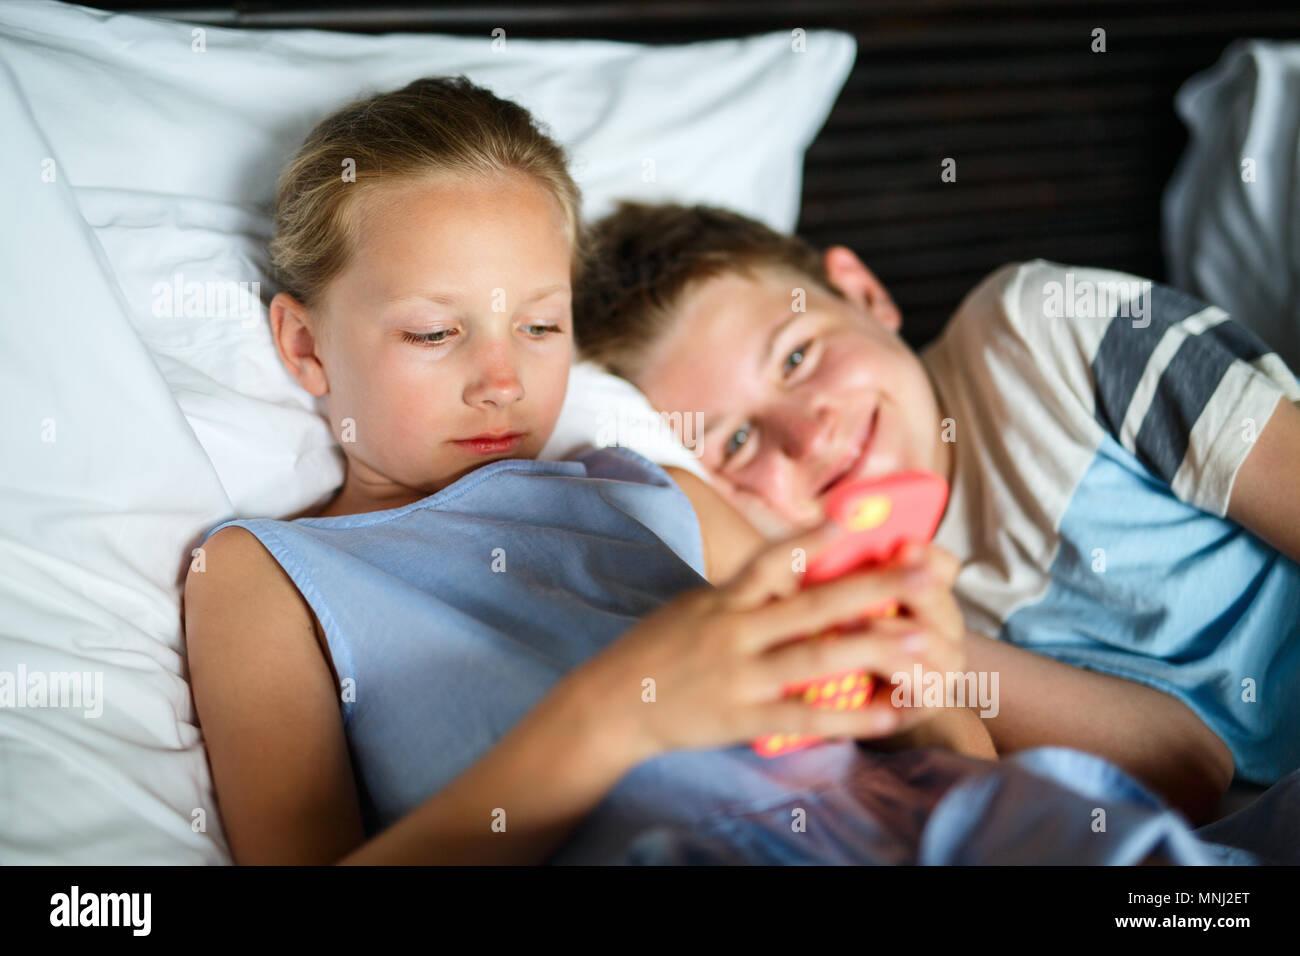 Kinder Bruder und Schwester spielen auf einem tragbaren Spiel Gerät oder Smartphone Stockbild